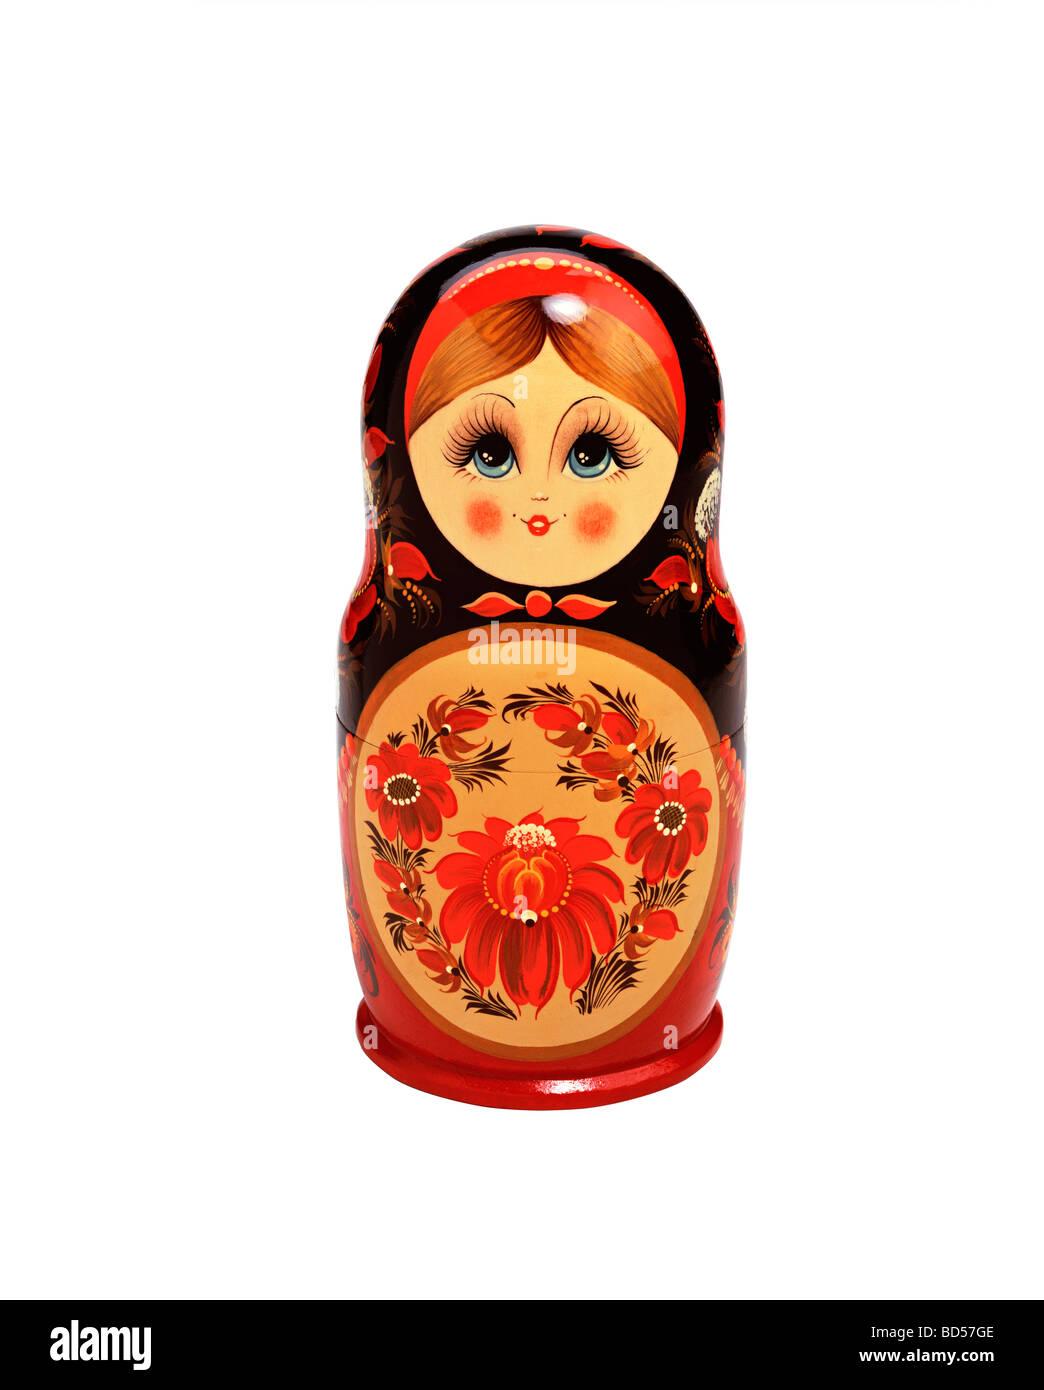 Bambola russa su sfondo bianco Immagini Stock